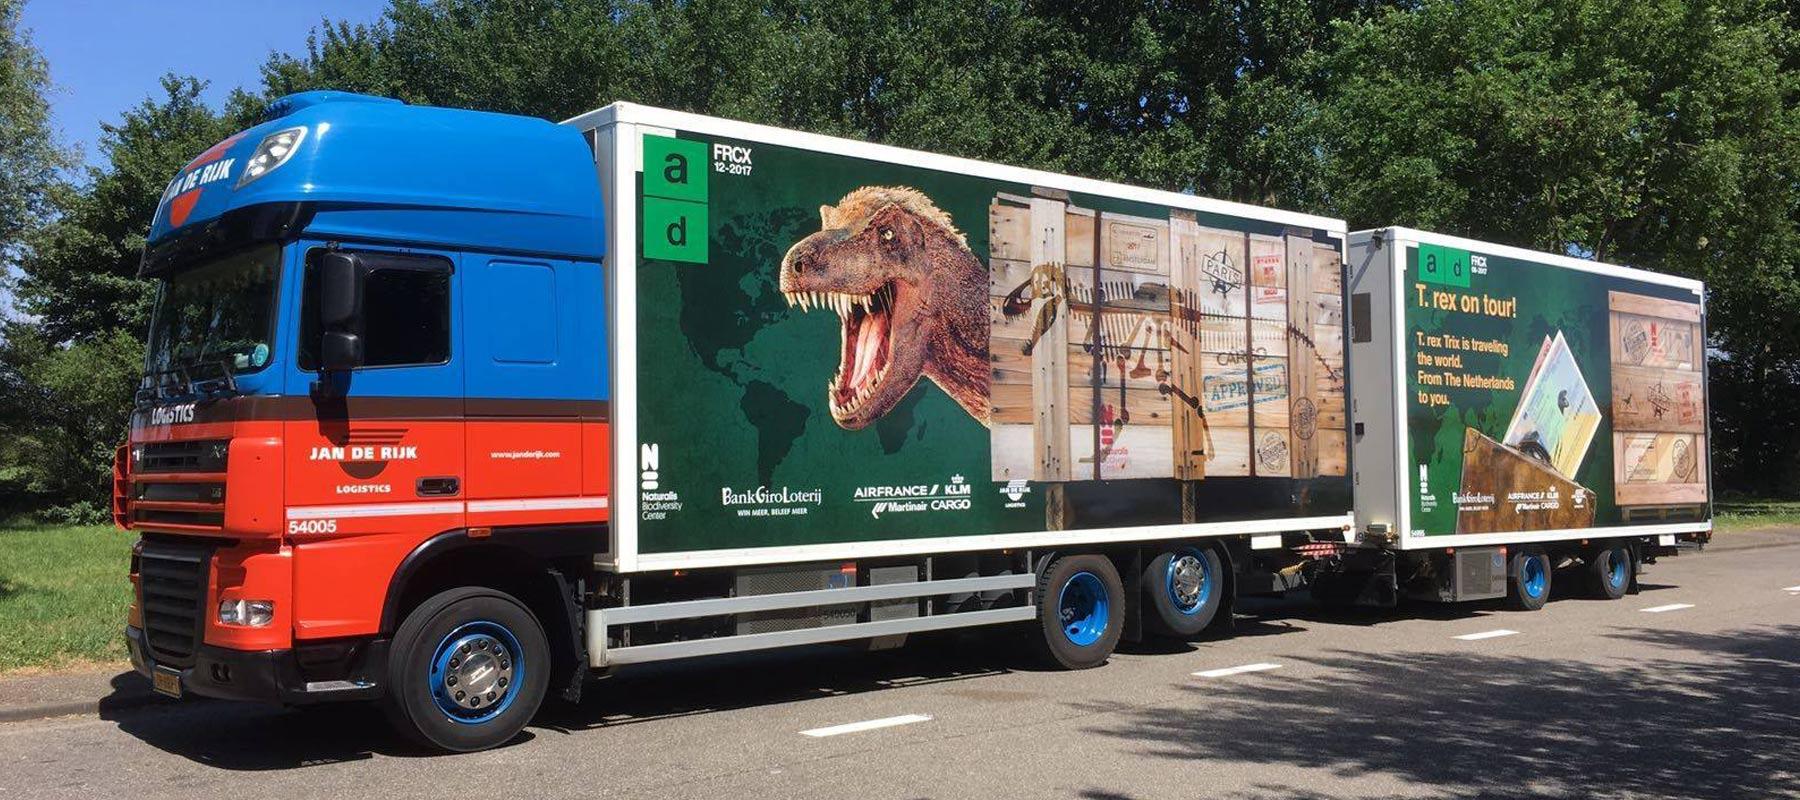 Jan de Rijk Logistics is a leading European logistics